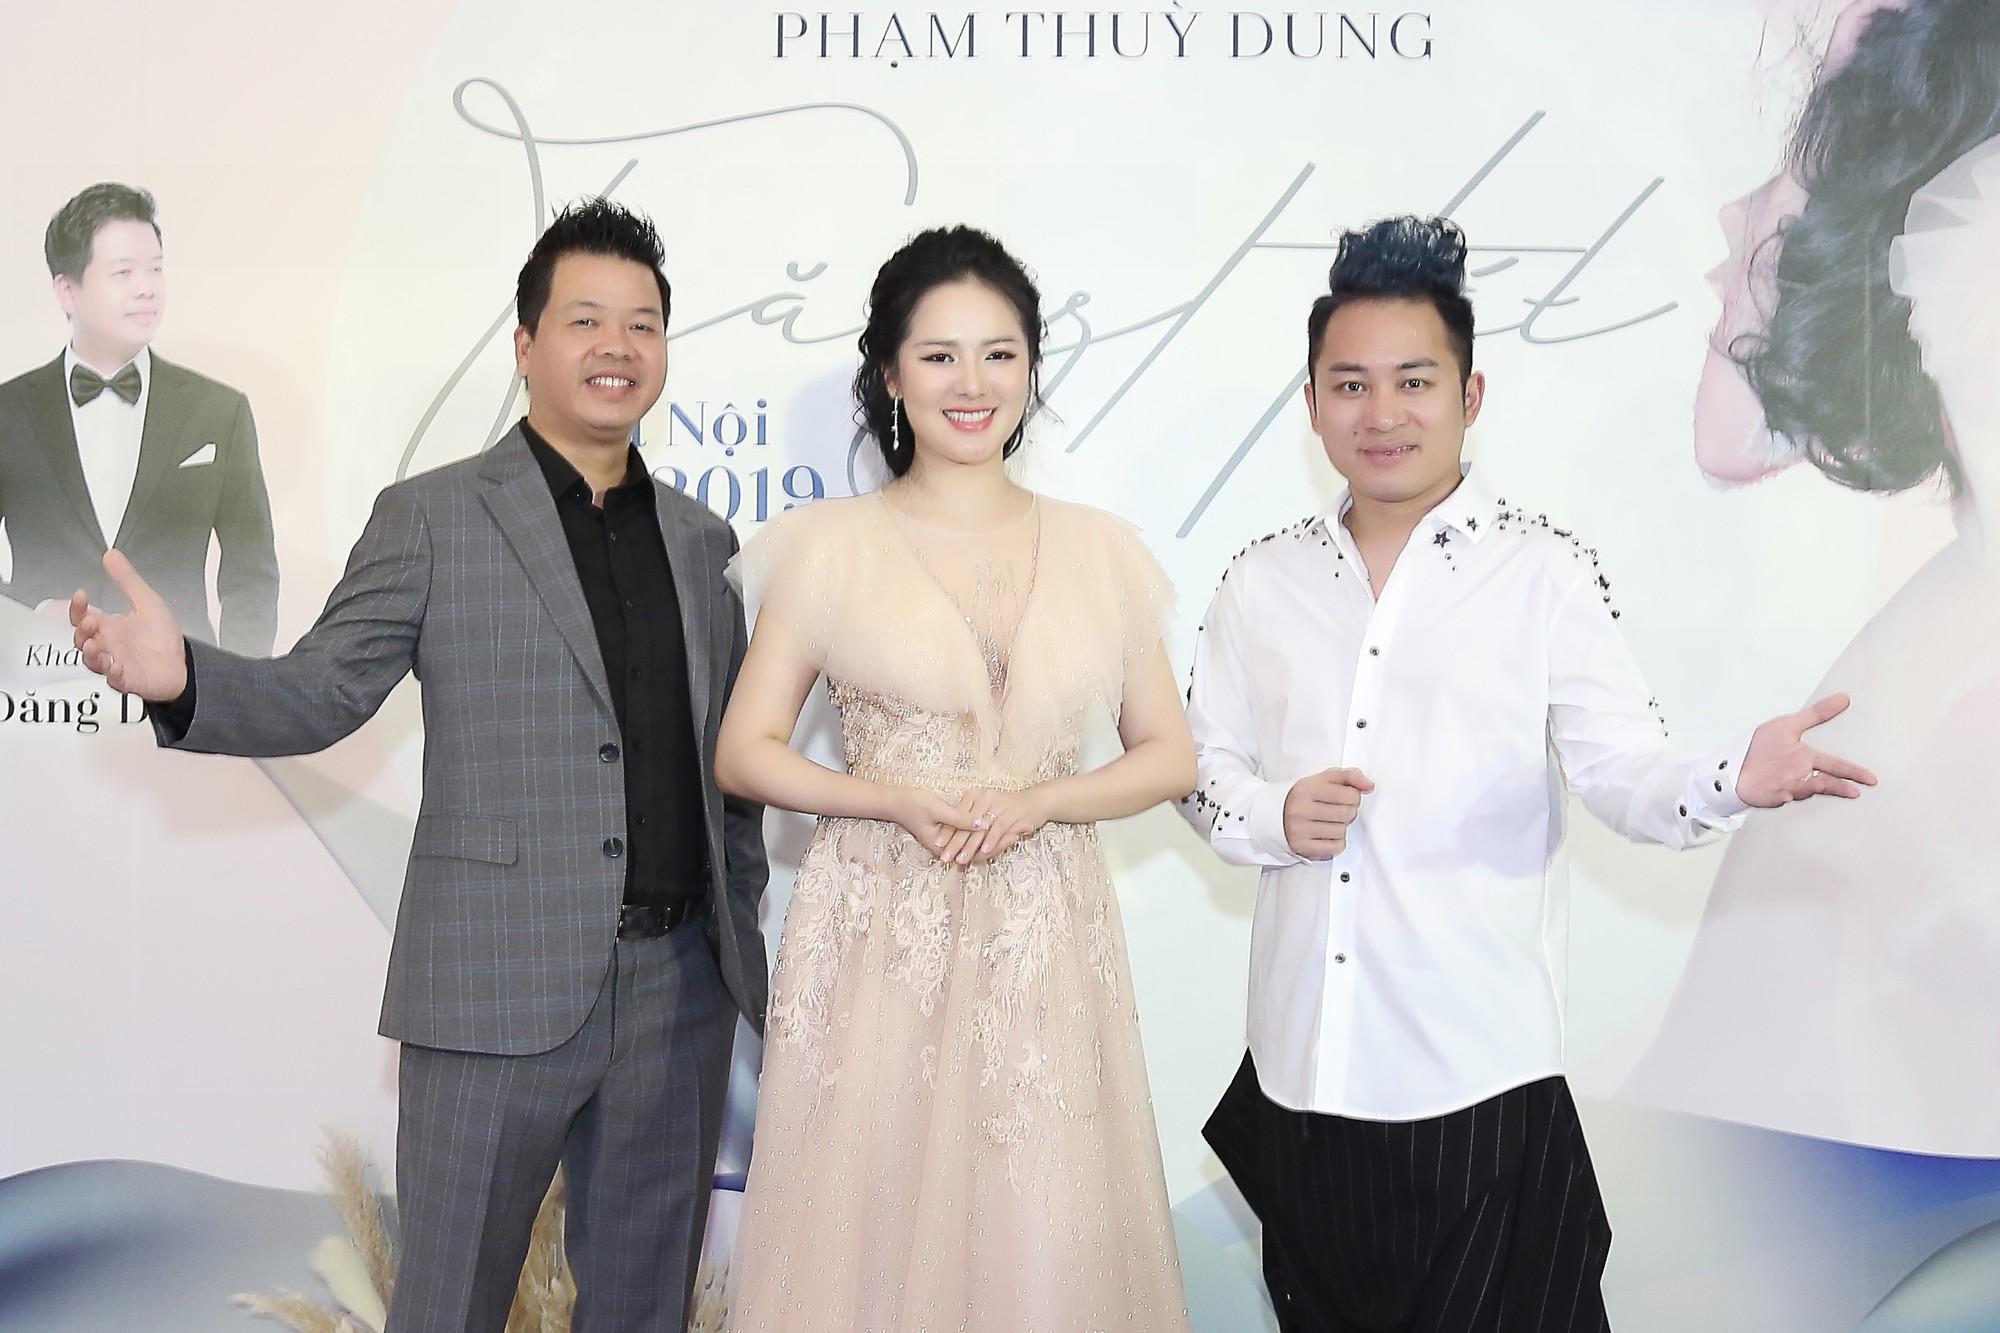 Họp báo Phạm Thùy Dung (2)